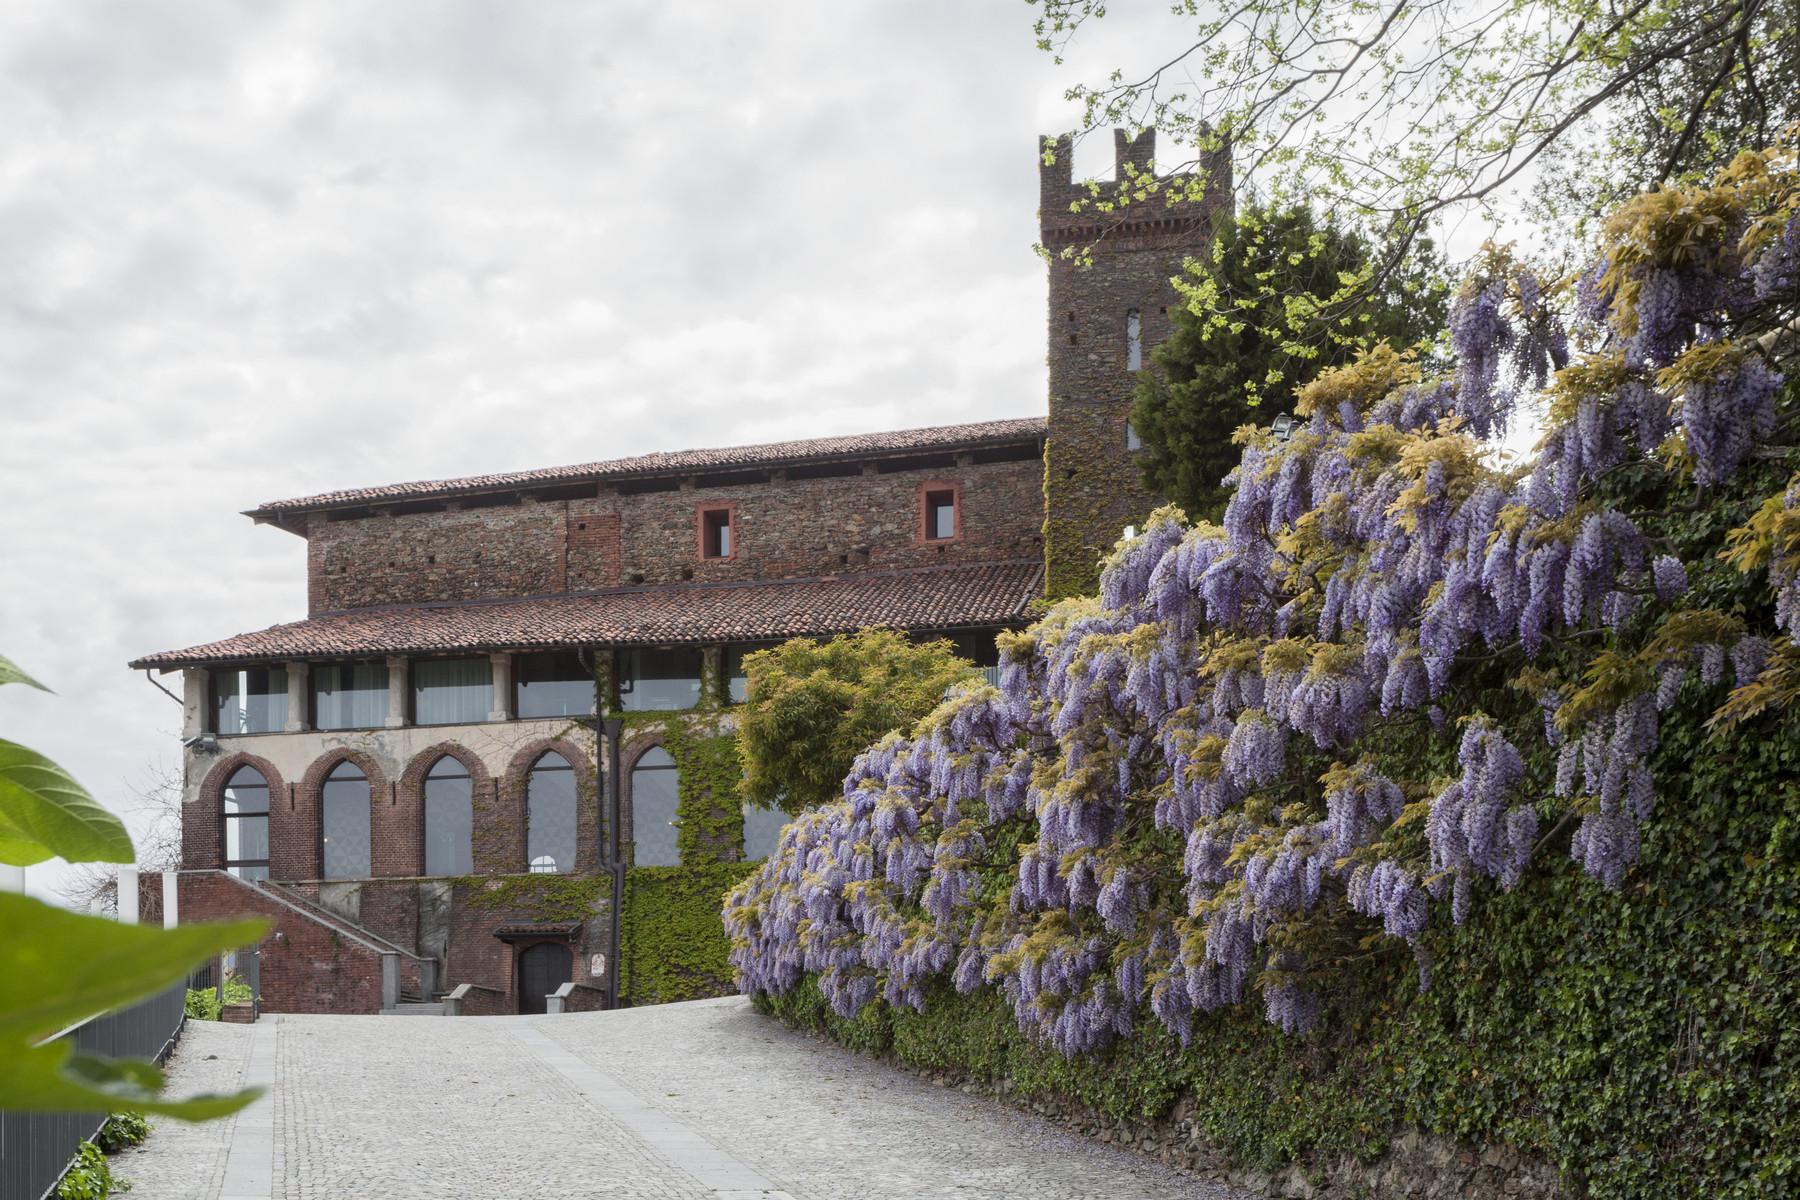 Straordinario castello sulle colline della campagna piemontese